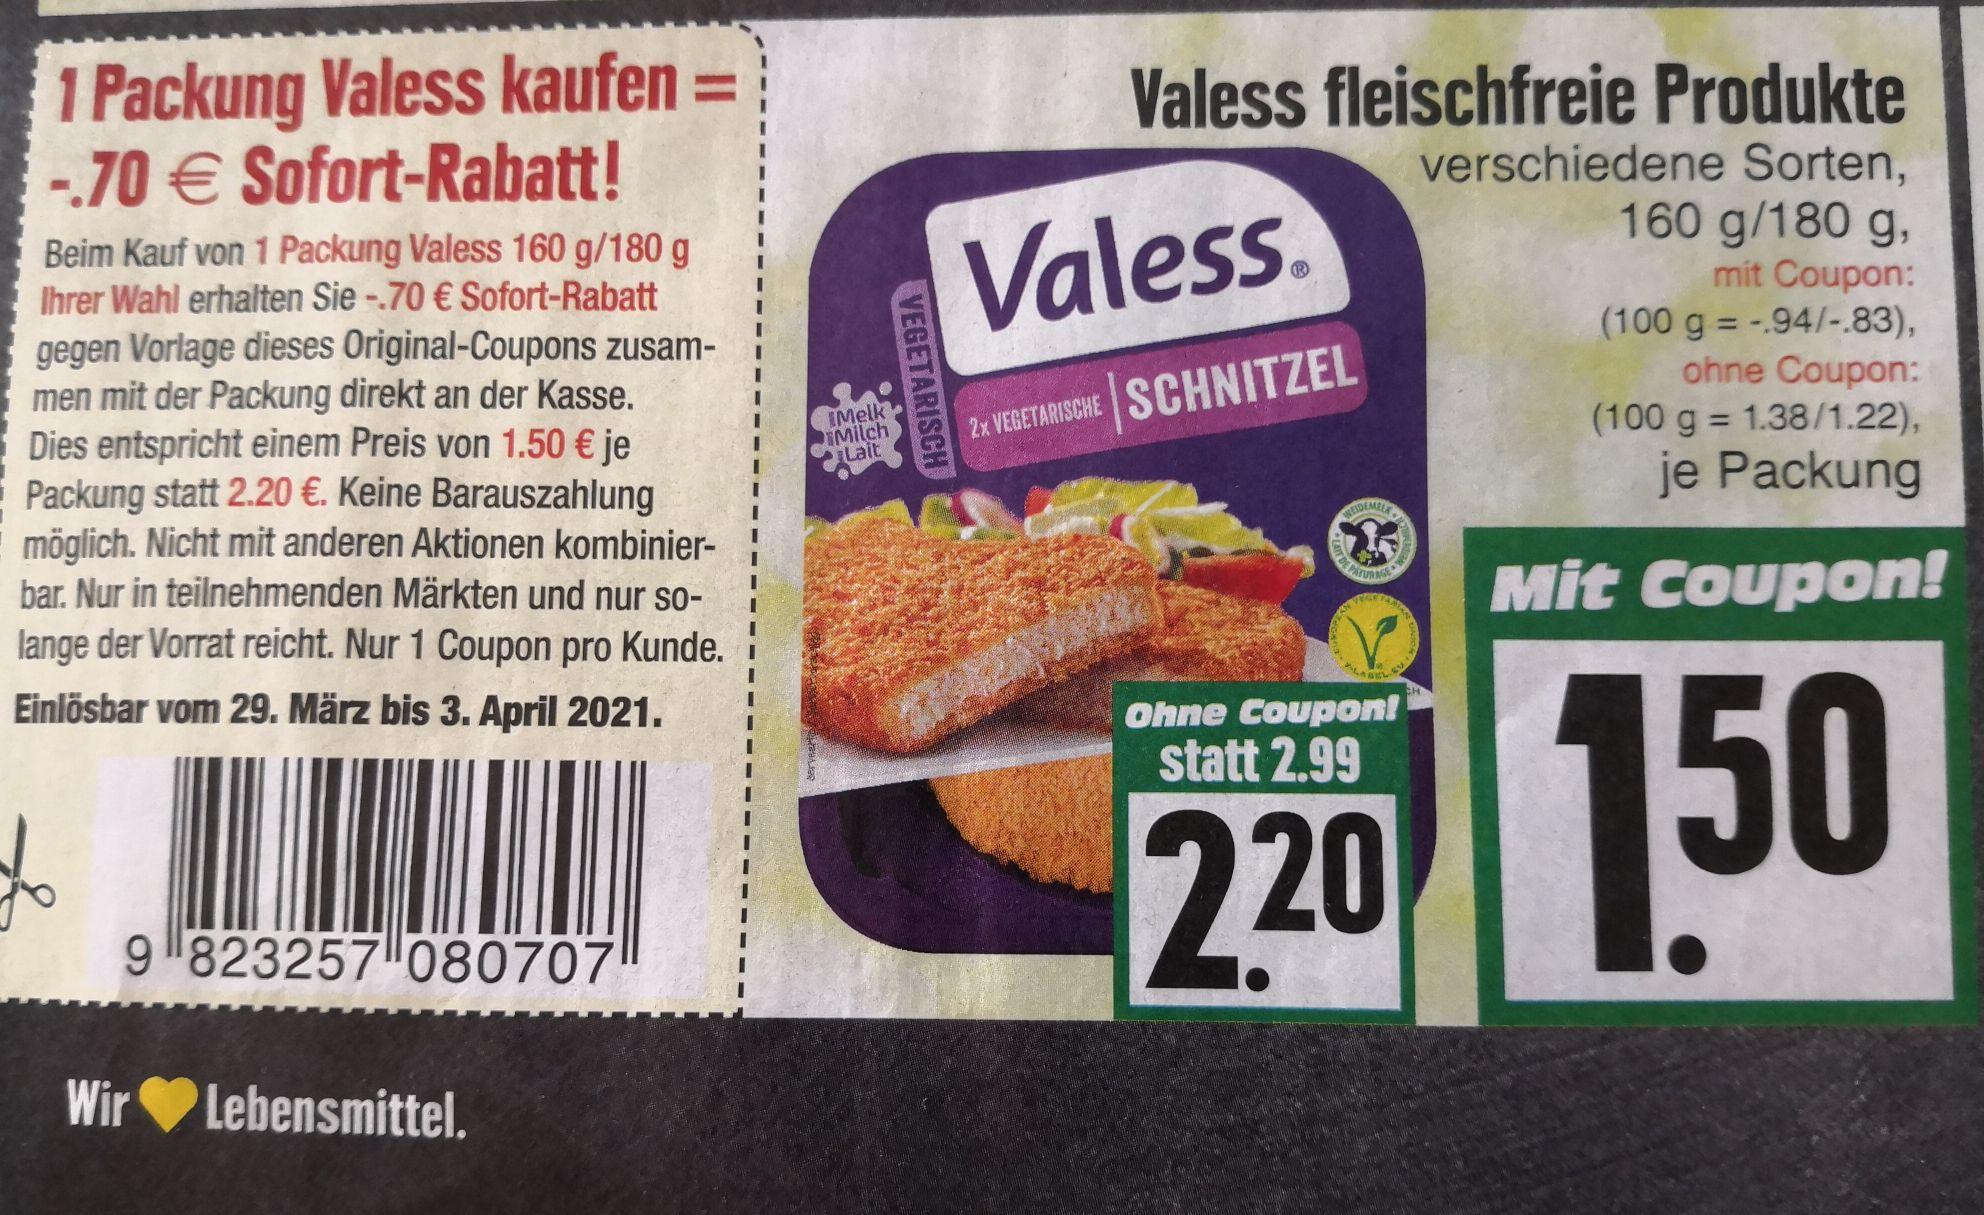 [EDEKA Hessenring] Valess vegetarische Gerichte/Schnitzel Coupon + Marktguru effektiv 1,10€!